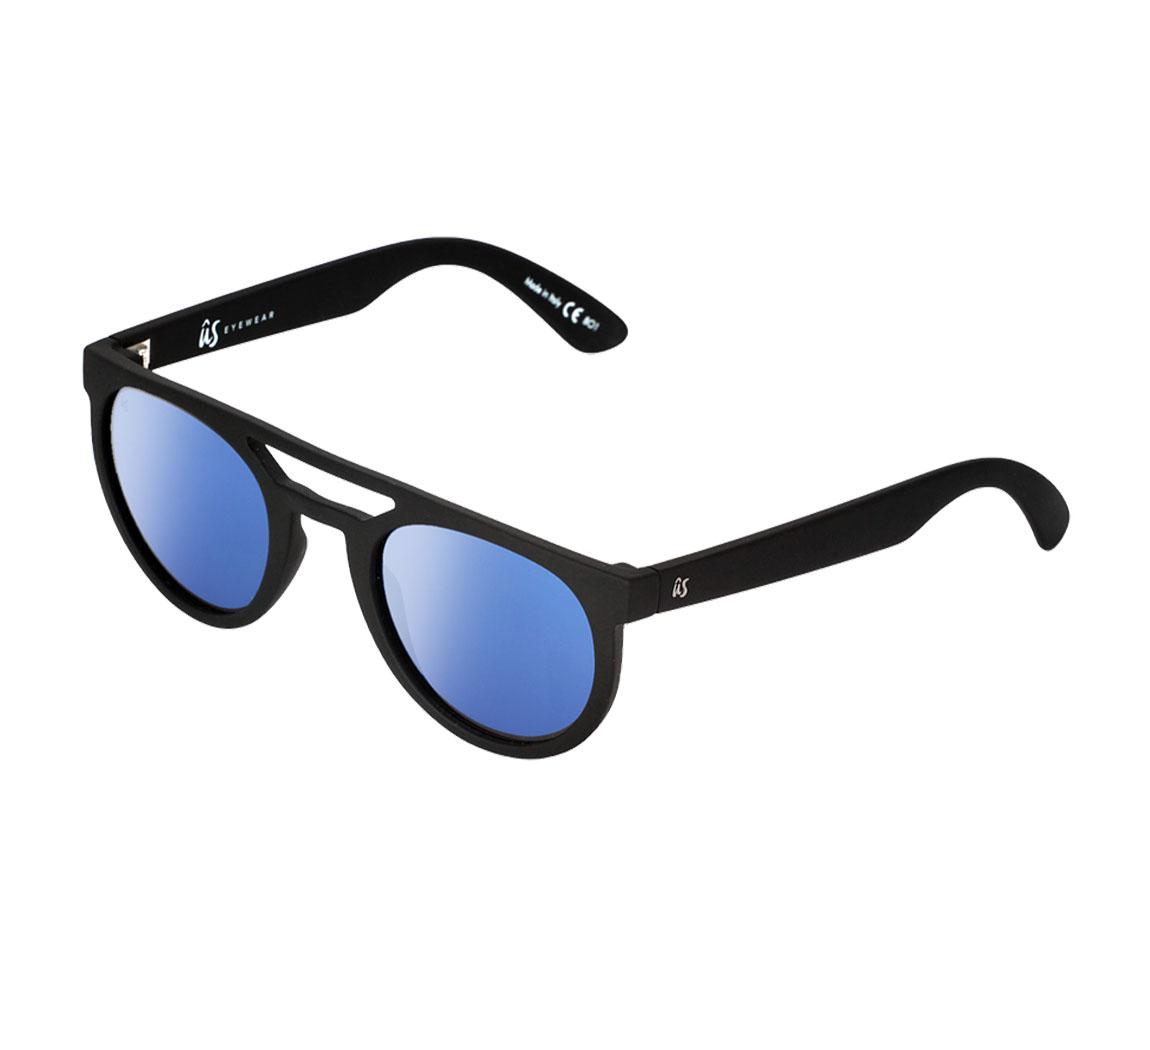 Sunglasses recyclées double barre retro Lunettes de soleil NEOS Lunettes de soleil NEOS